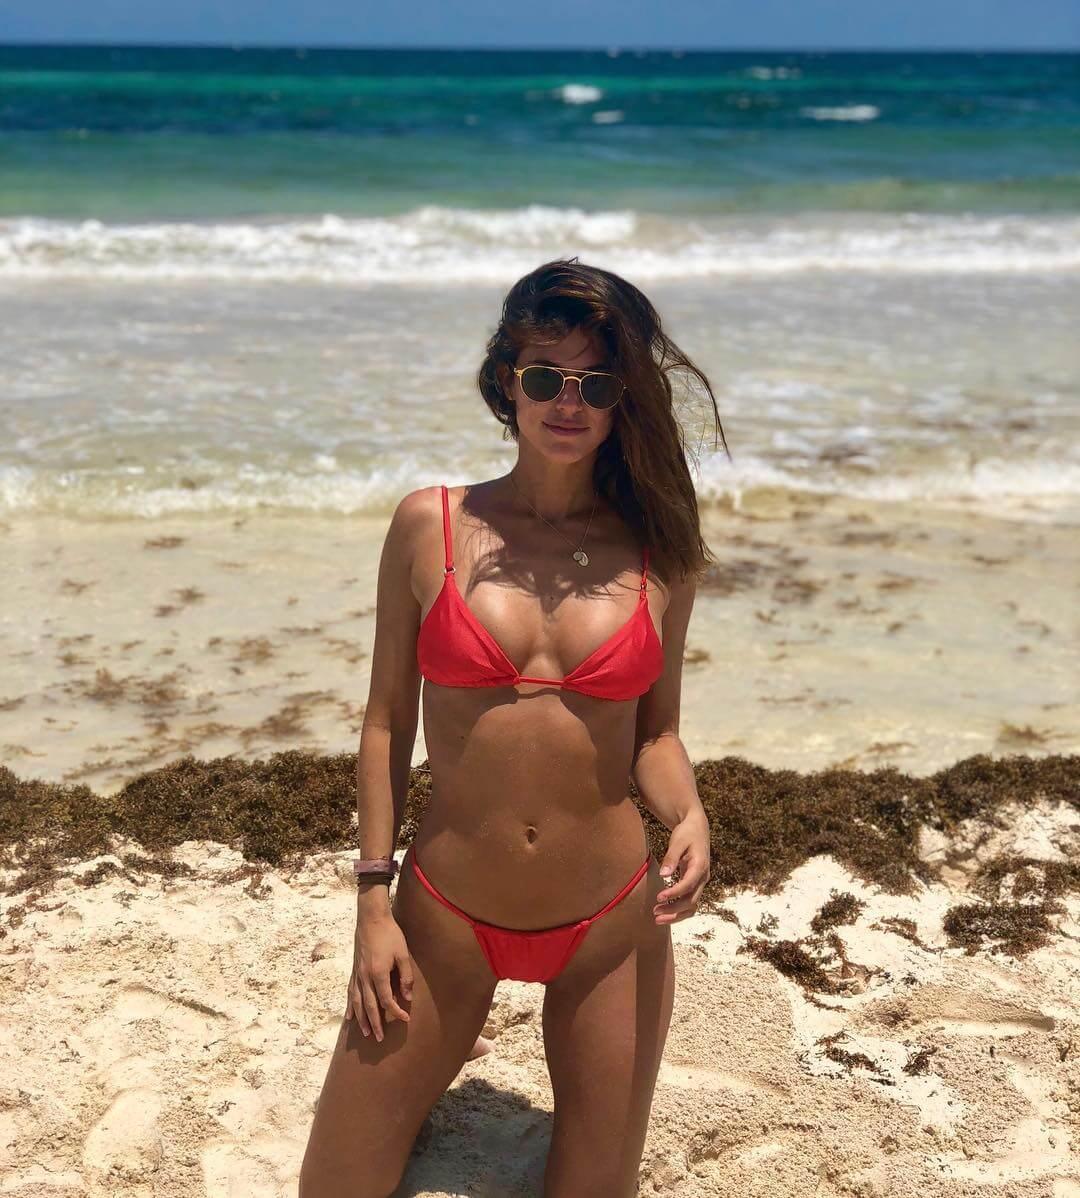 50 Hot And Sexy Stephanie Cayo Photos - 12thBlog